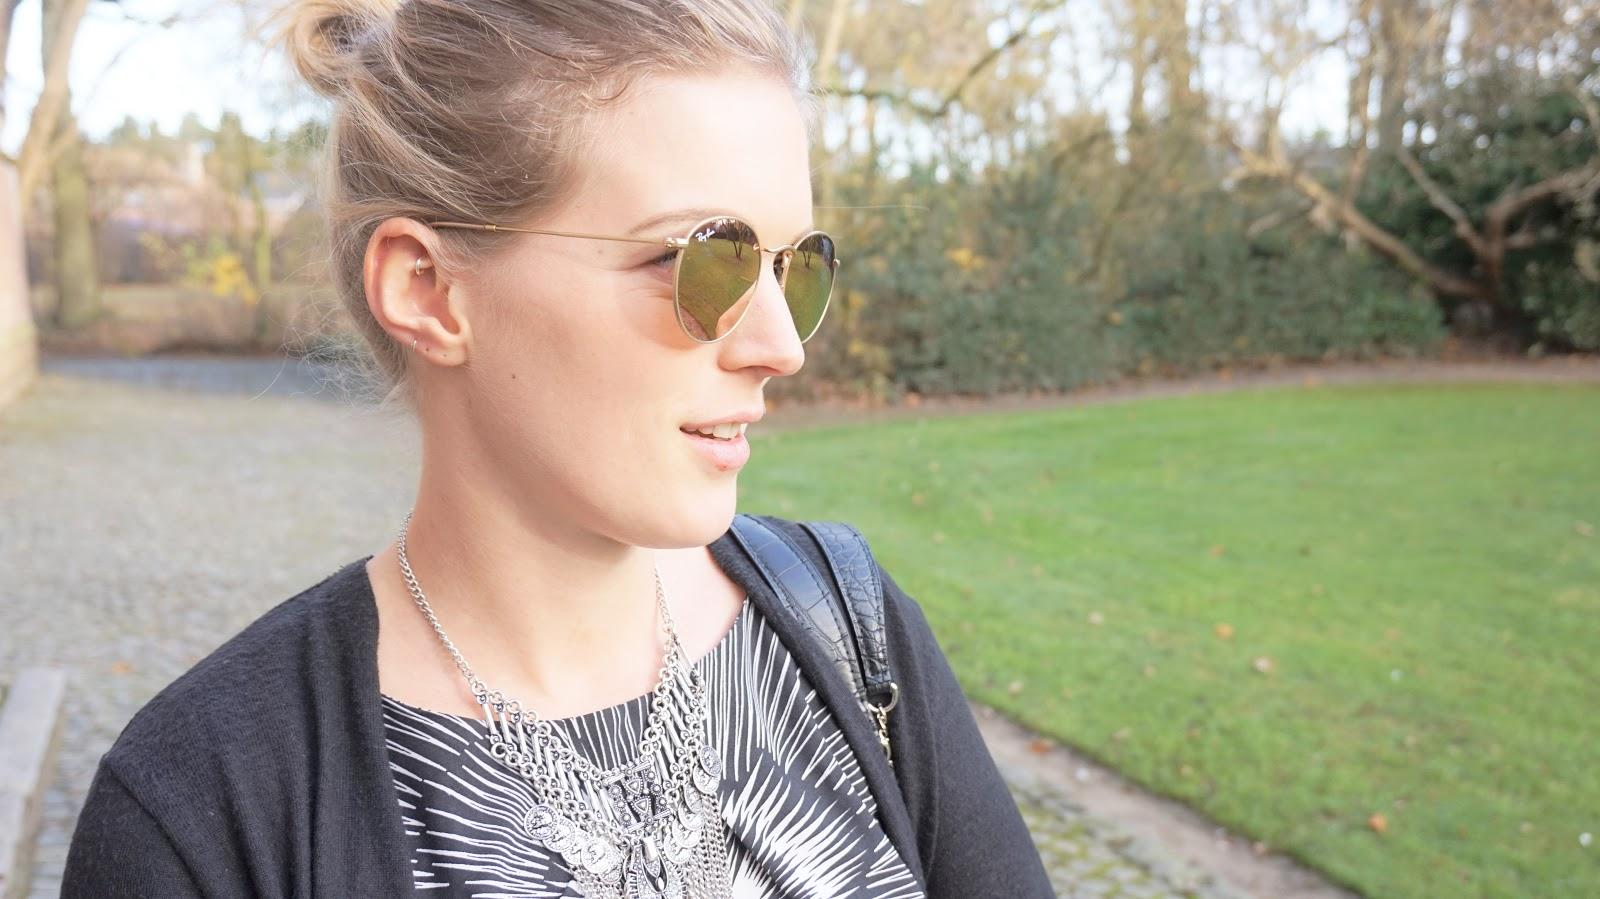 DSC00560 | Eline Van Dingenen